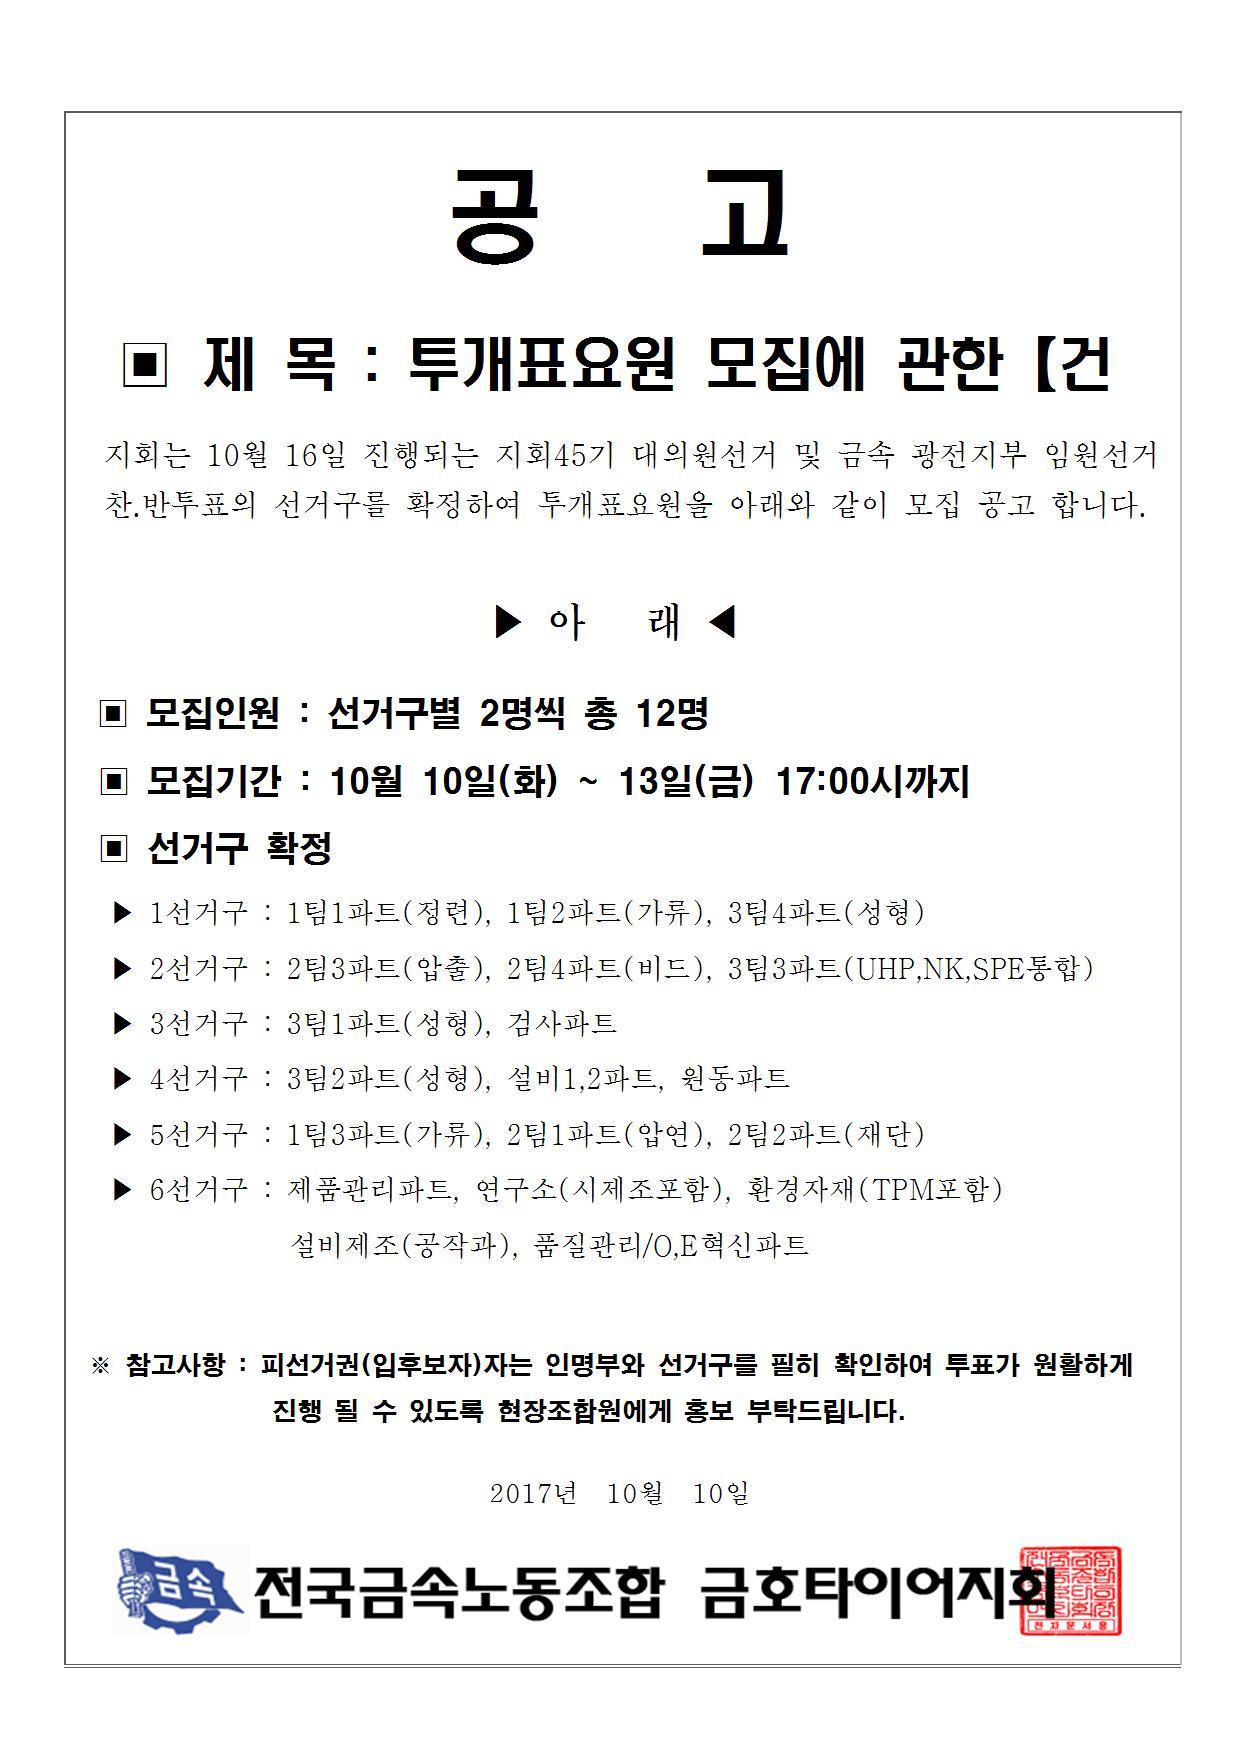 45기대의원선거 투개표요원 모집공고001.jpg